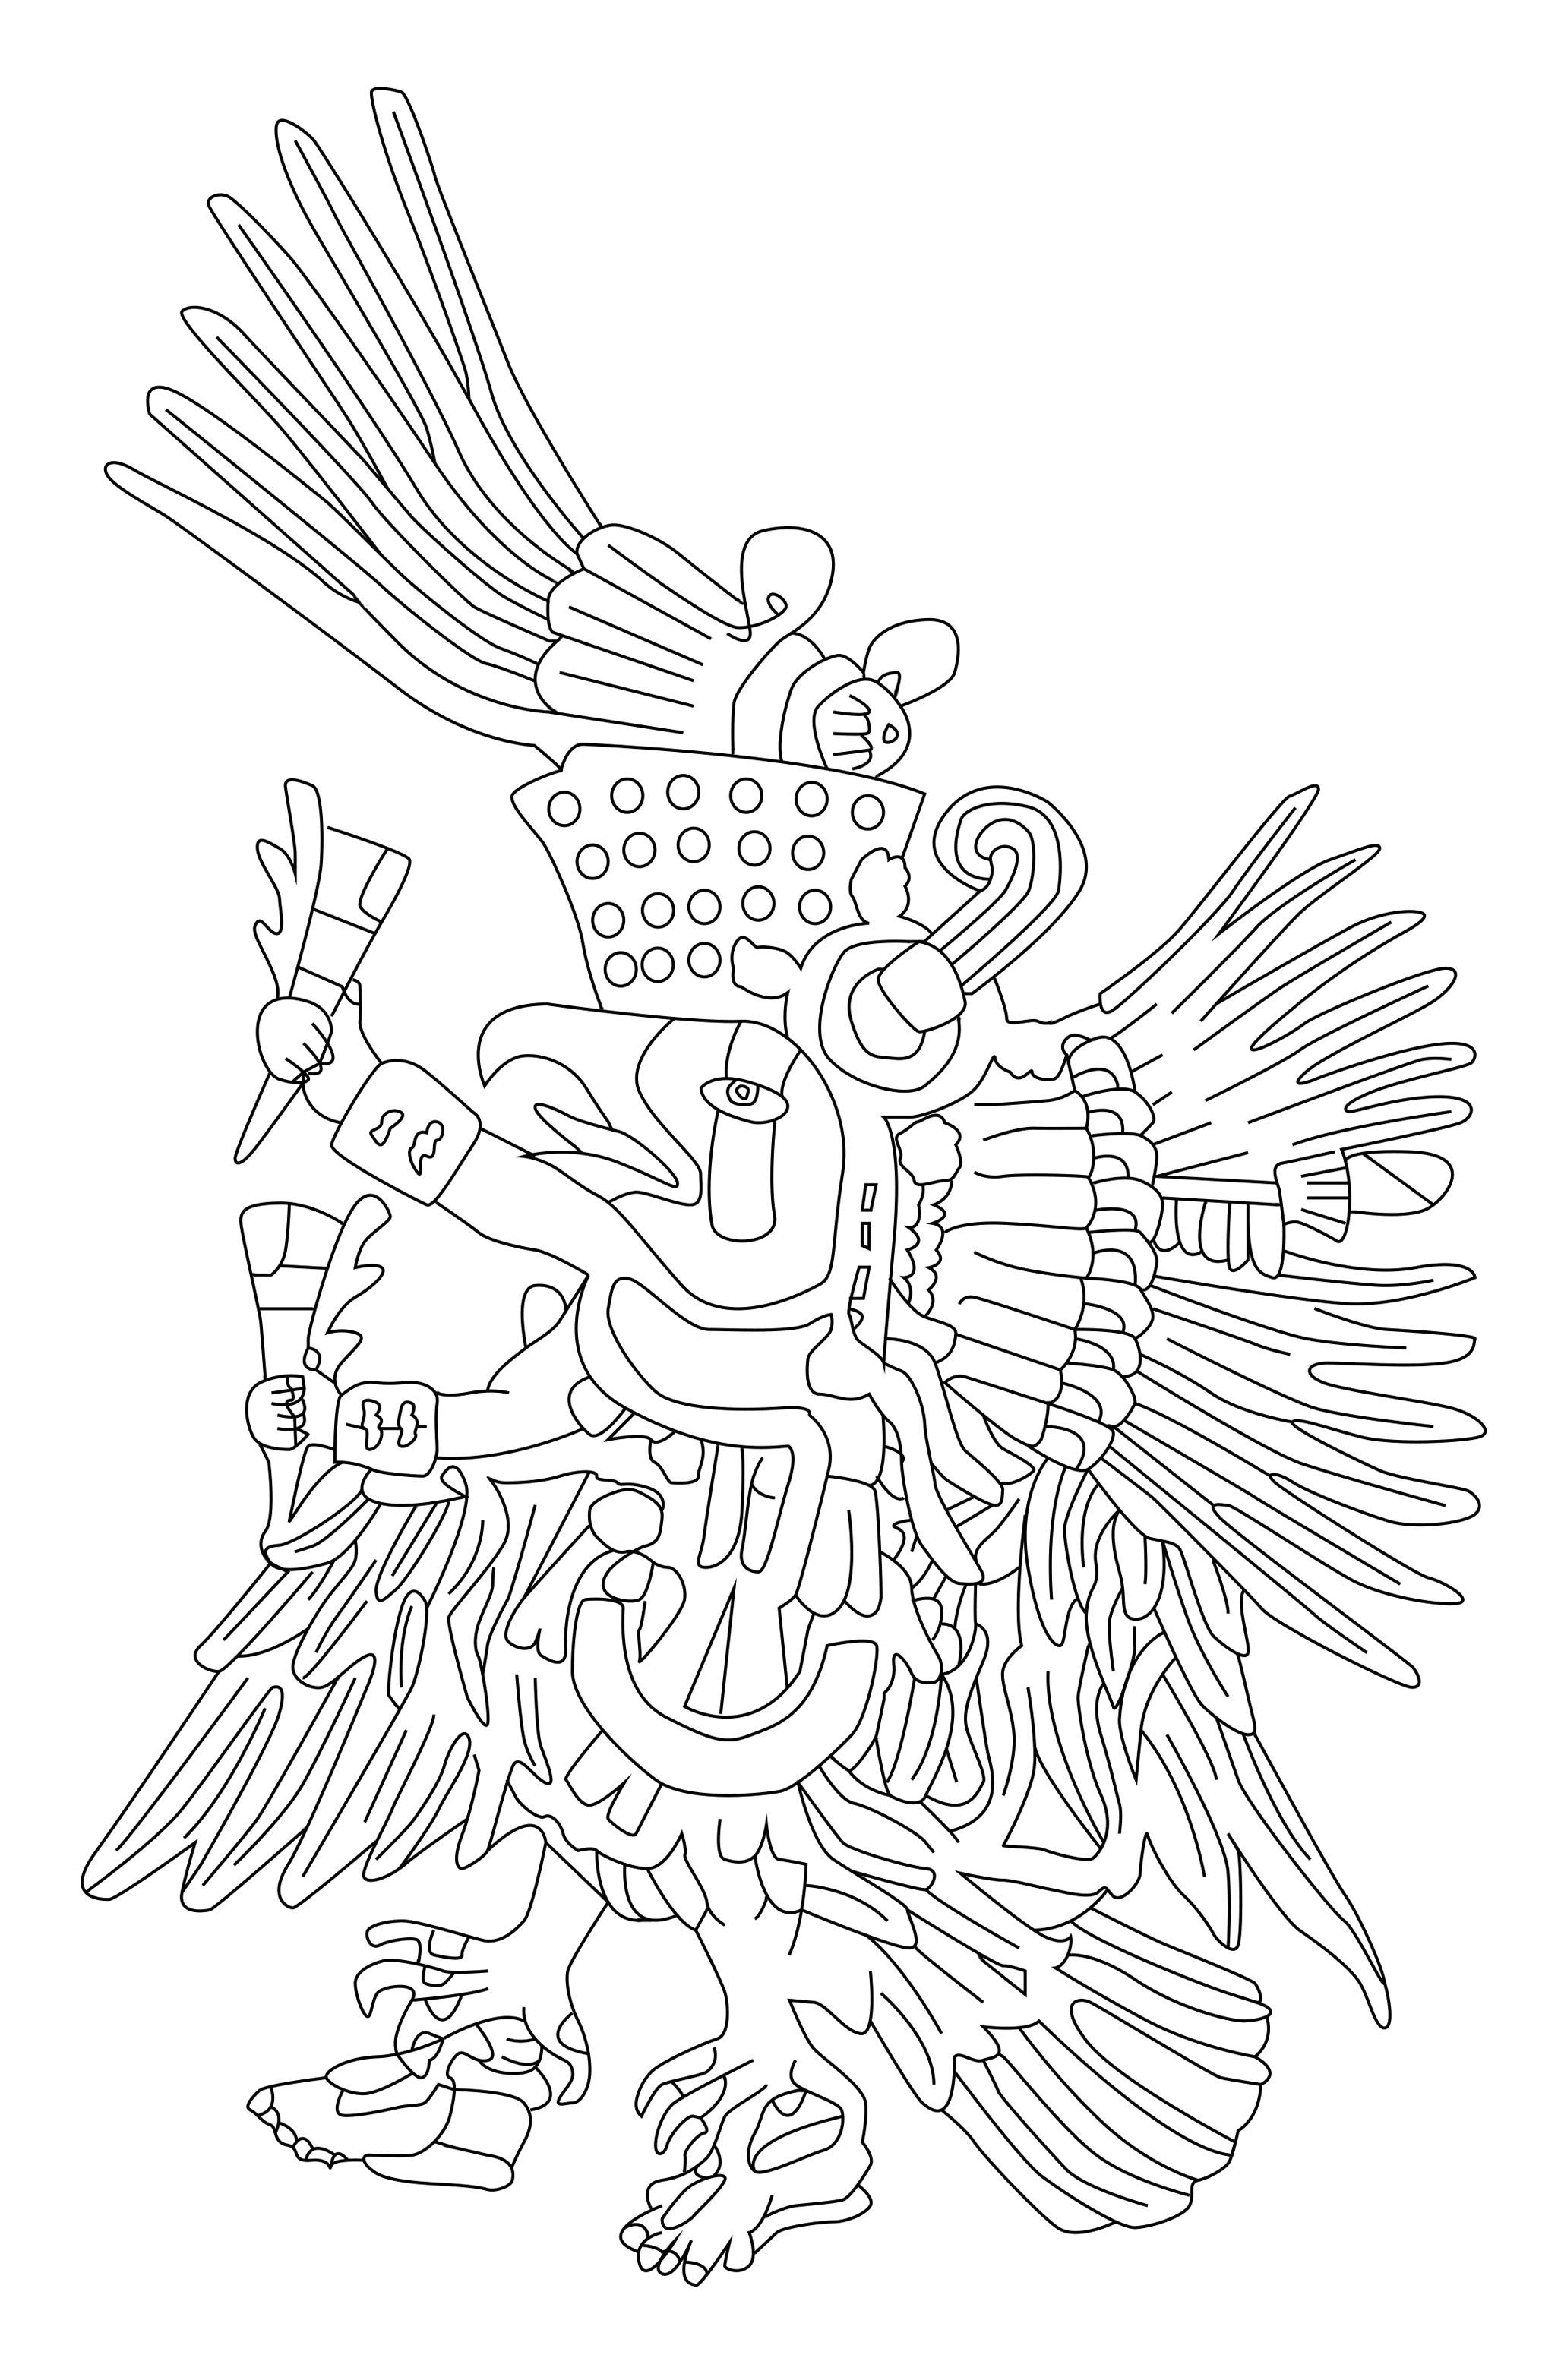 Colorear para adultos : Mayas, Aztecas e Incas - 18